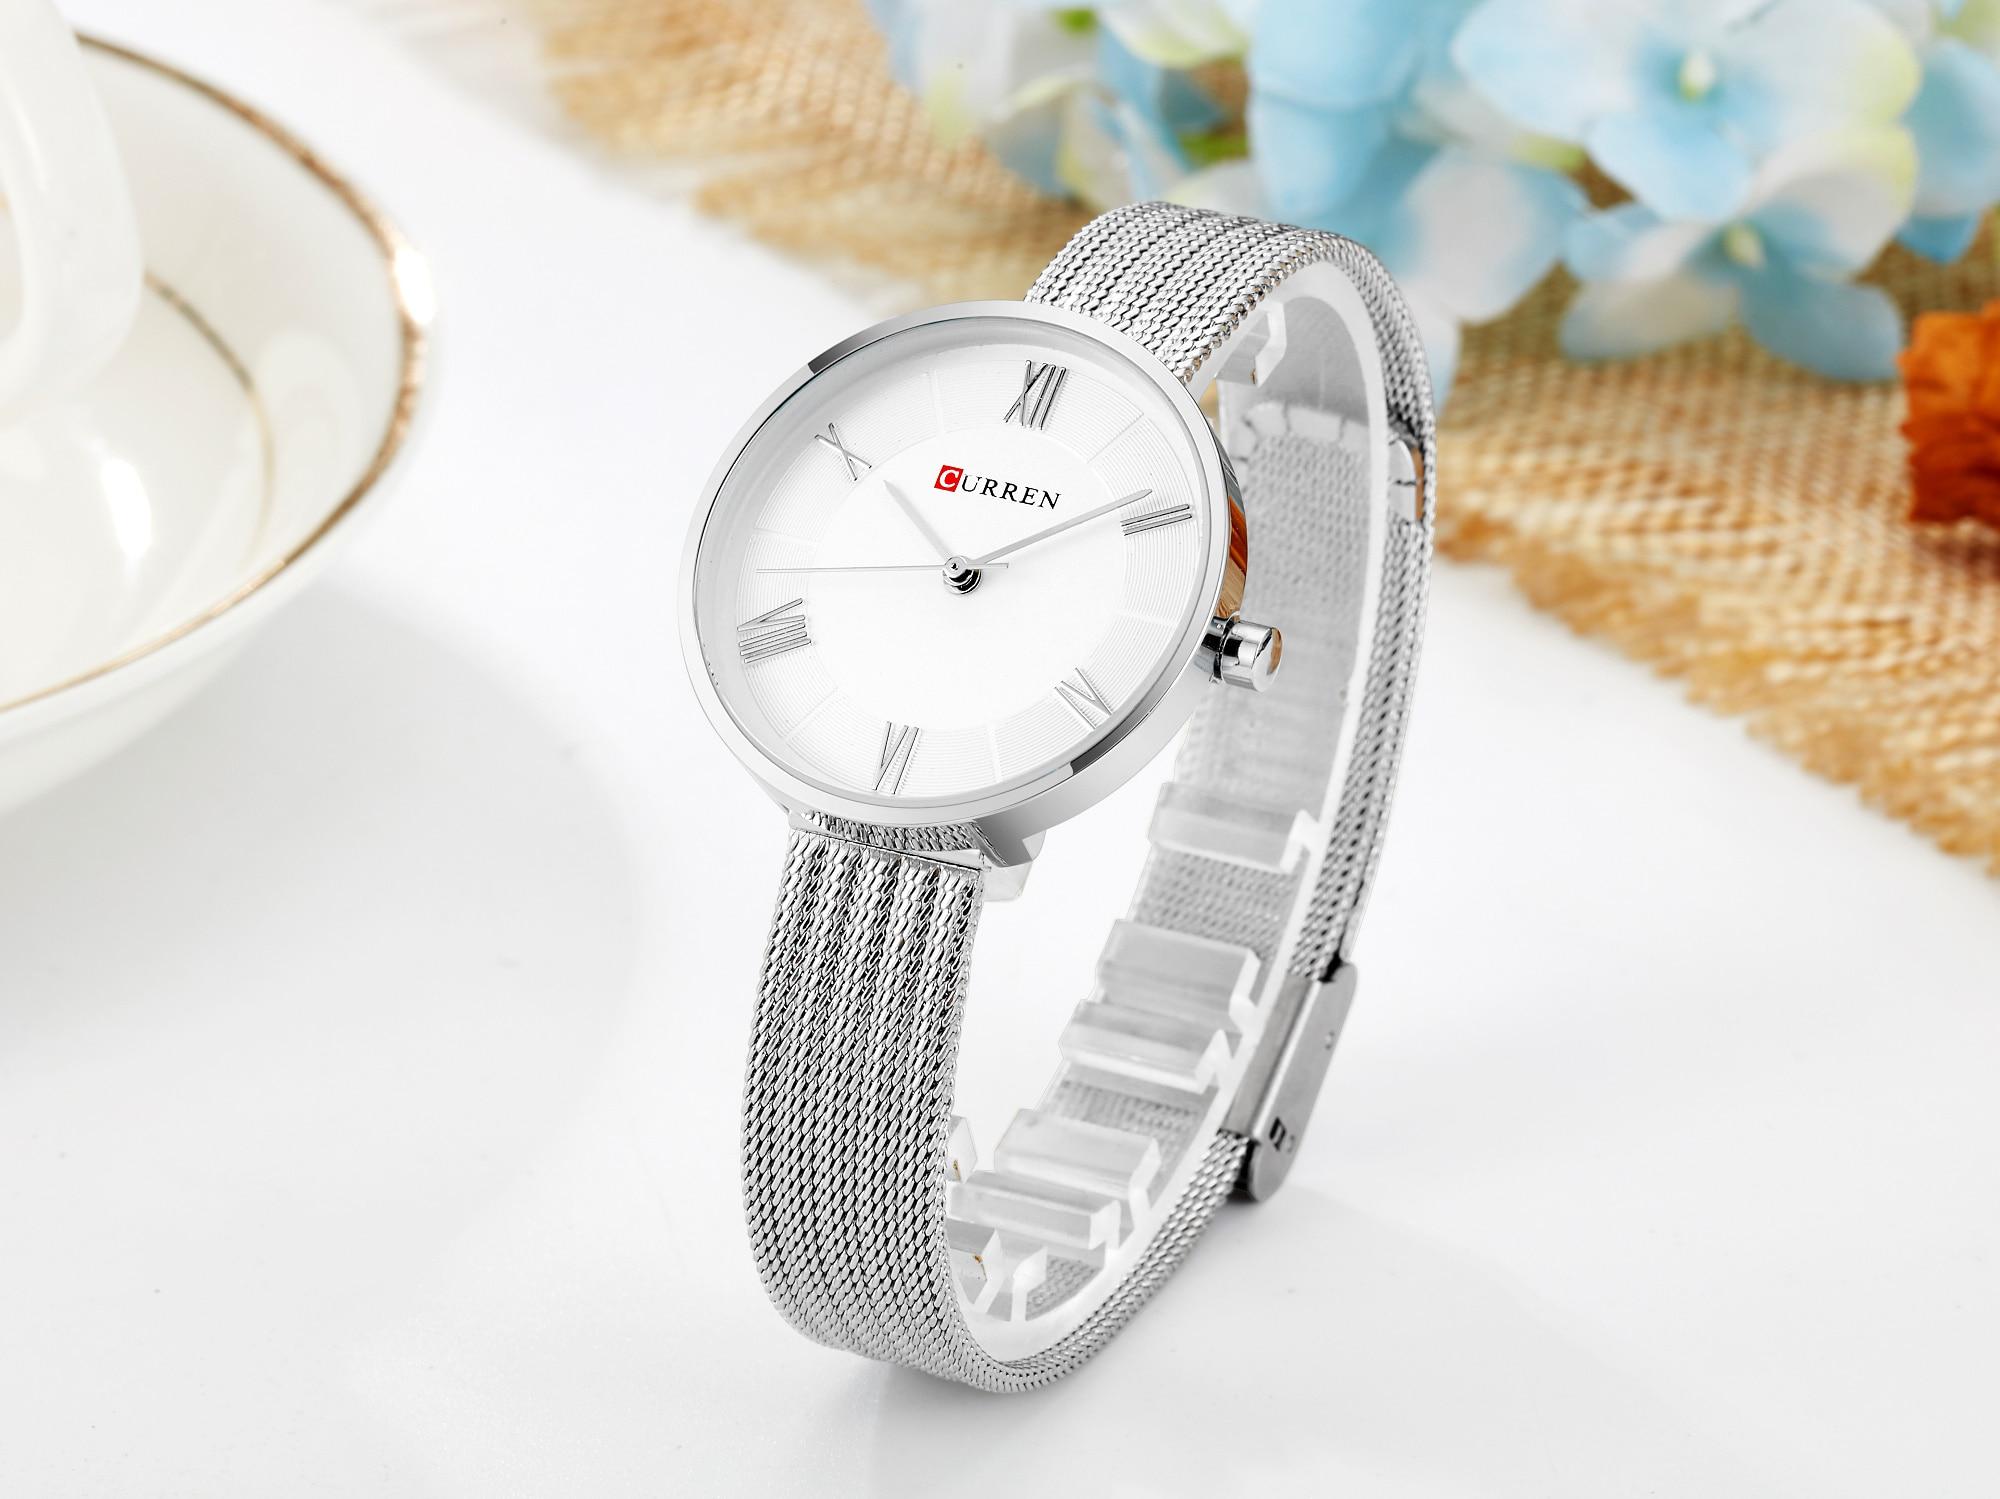 CURREN Women Watch Minimalist Style Wrist Watch Silver Stainless Steel Simple Modern Quartz Female Watch Waterproof Reloj Mujer enlarge